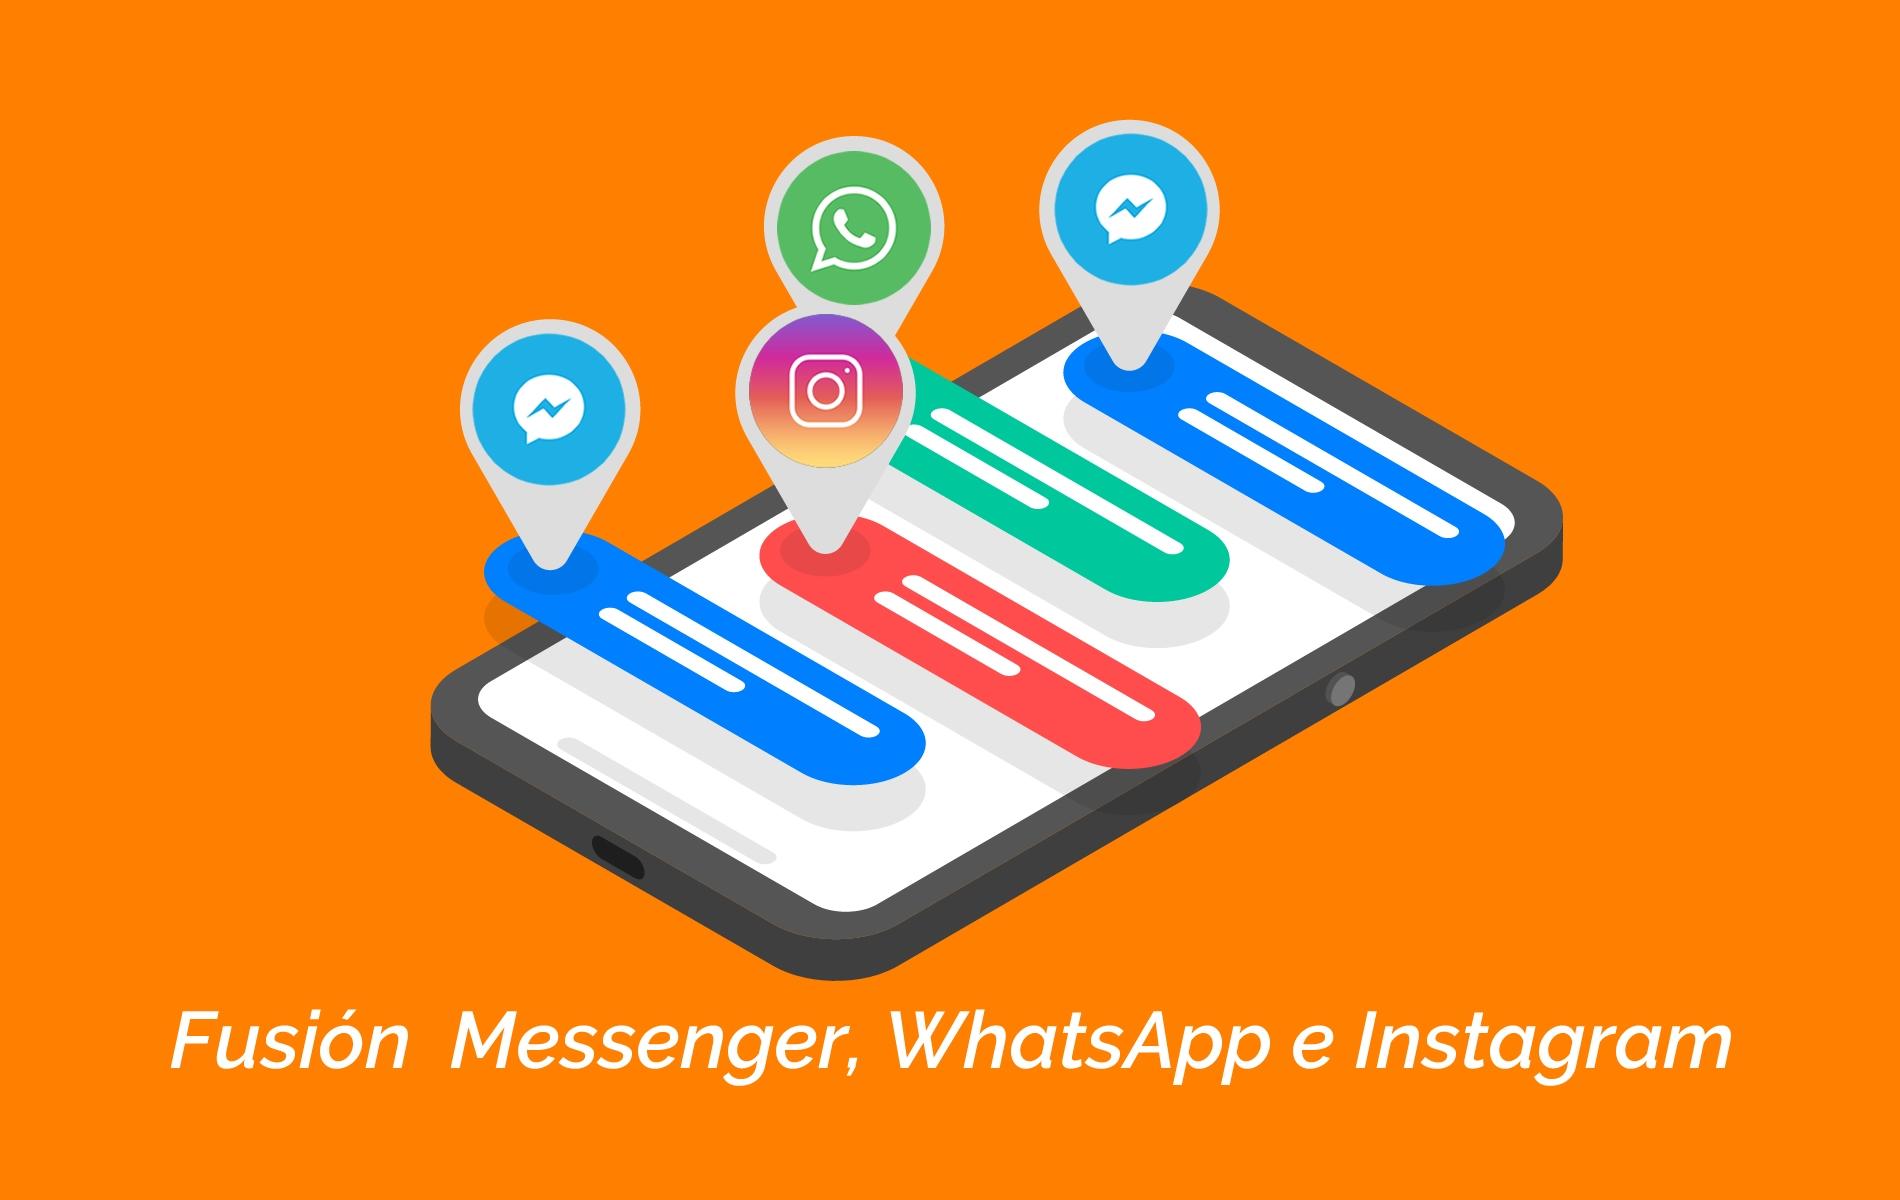 Facebook anuncia la fusión de los chats de Messenger, WhatsApp e Instagram